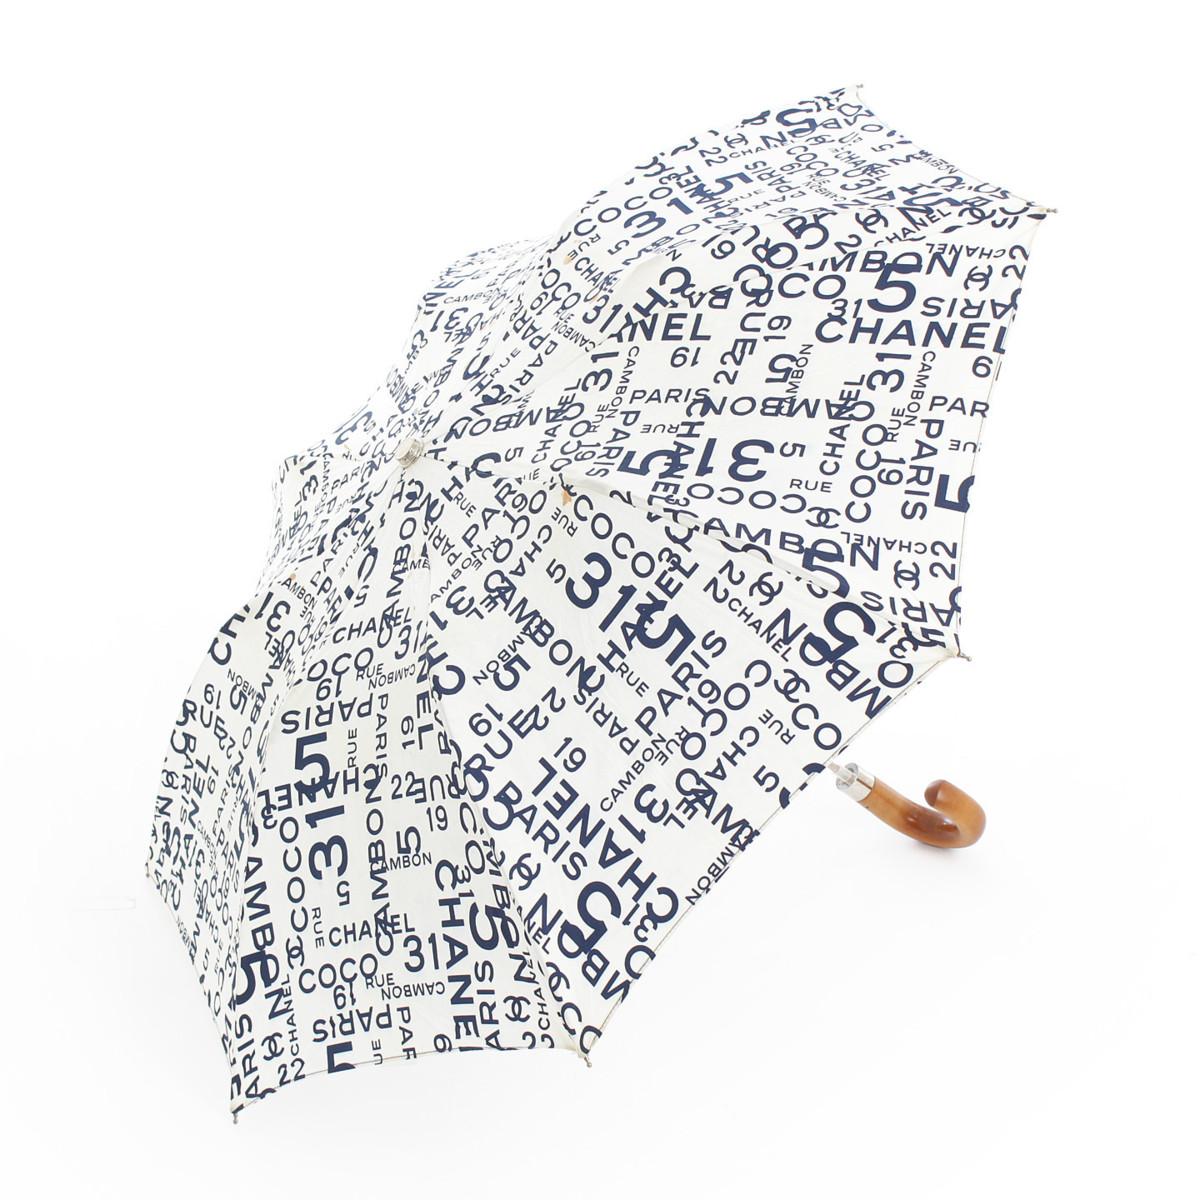 【シャネル】Chanel バイシーライン 折り畳み傘 ホワイト ネイビー 【中古】【鑑定済・正規品保証】【送料無料】31596